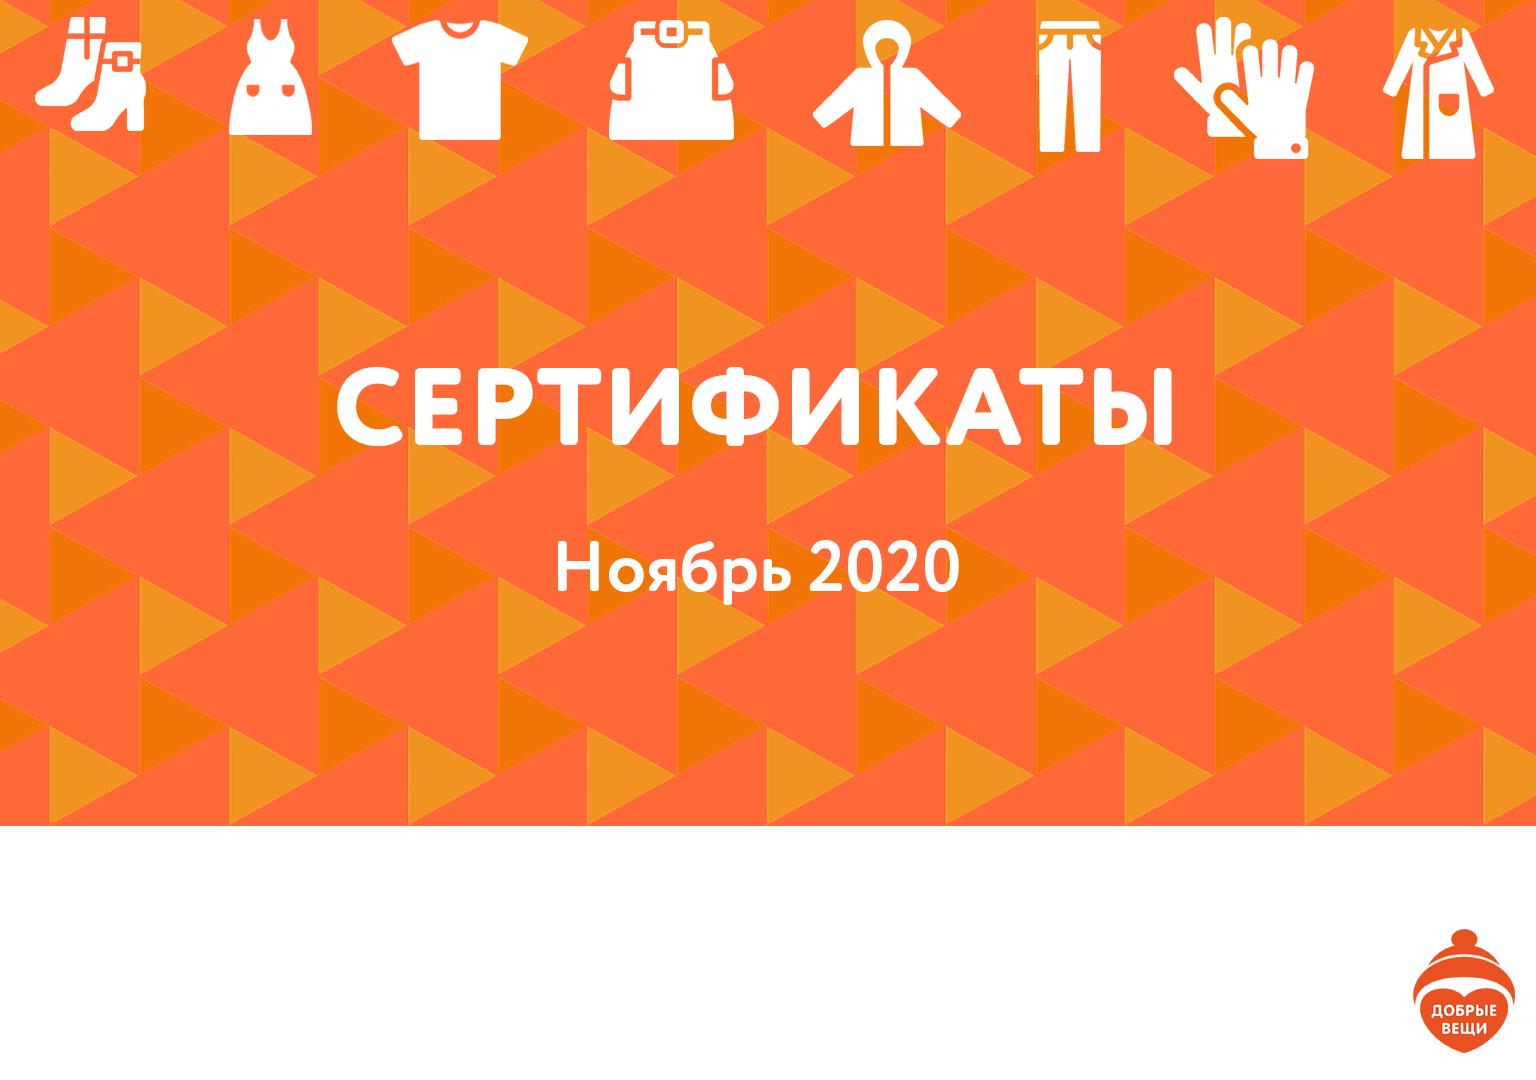 Отчет по выданным вещам в ноябре 2020 года